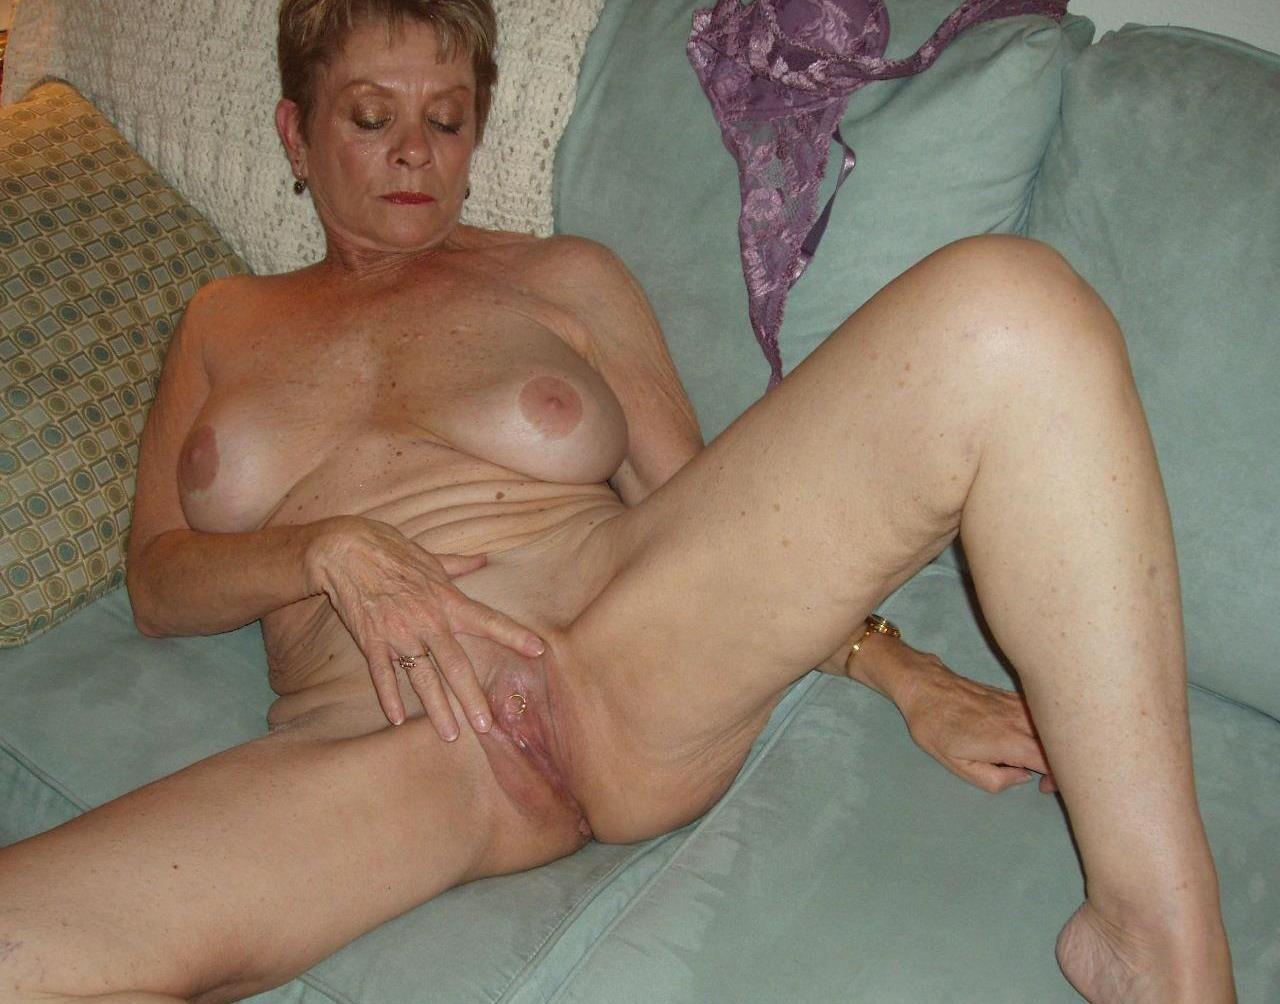 Abuelas Cachondas Fotos Amateur Nude and Porn Pictures